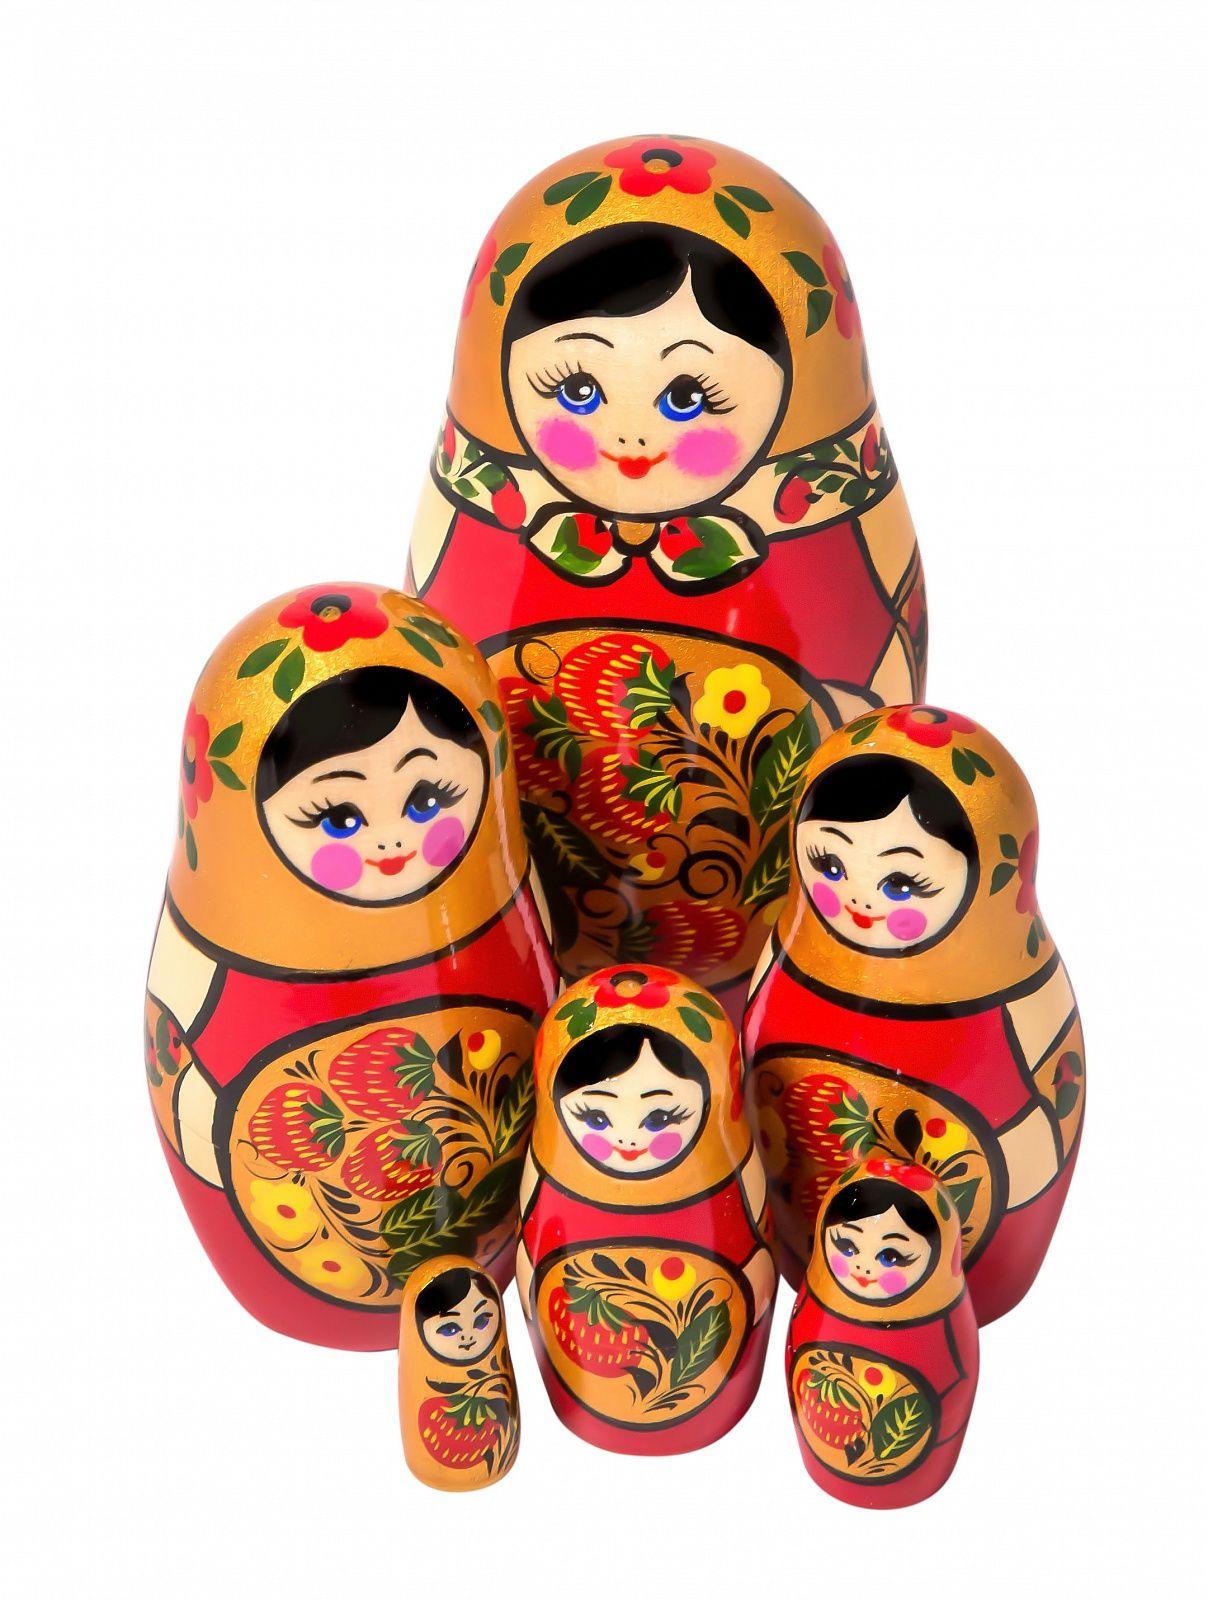 Khokhloma painting / Matryoshka Khokhloma 6 dolls